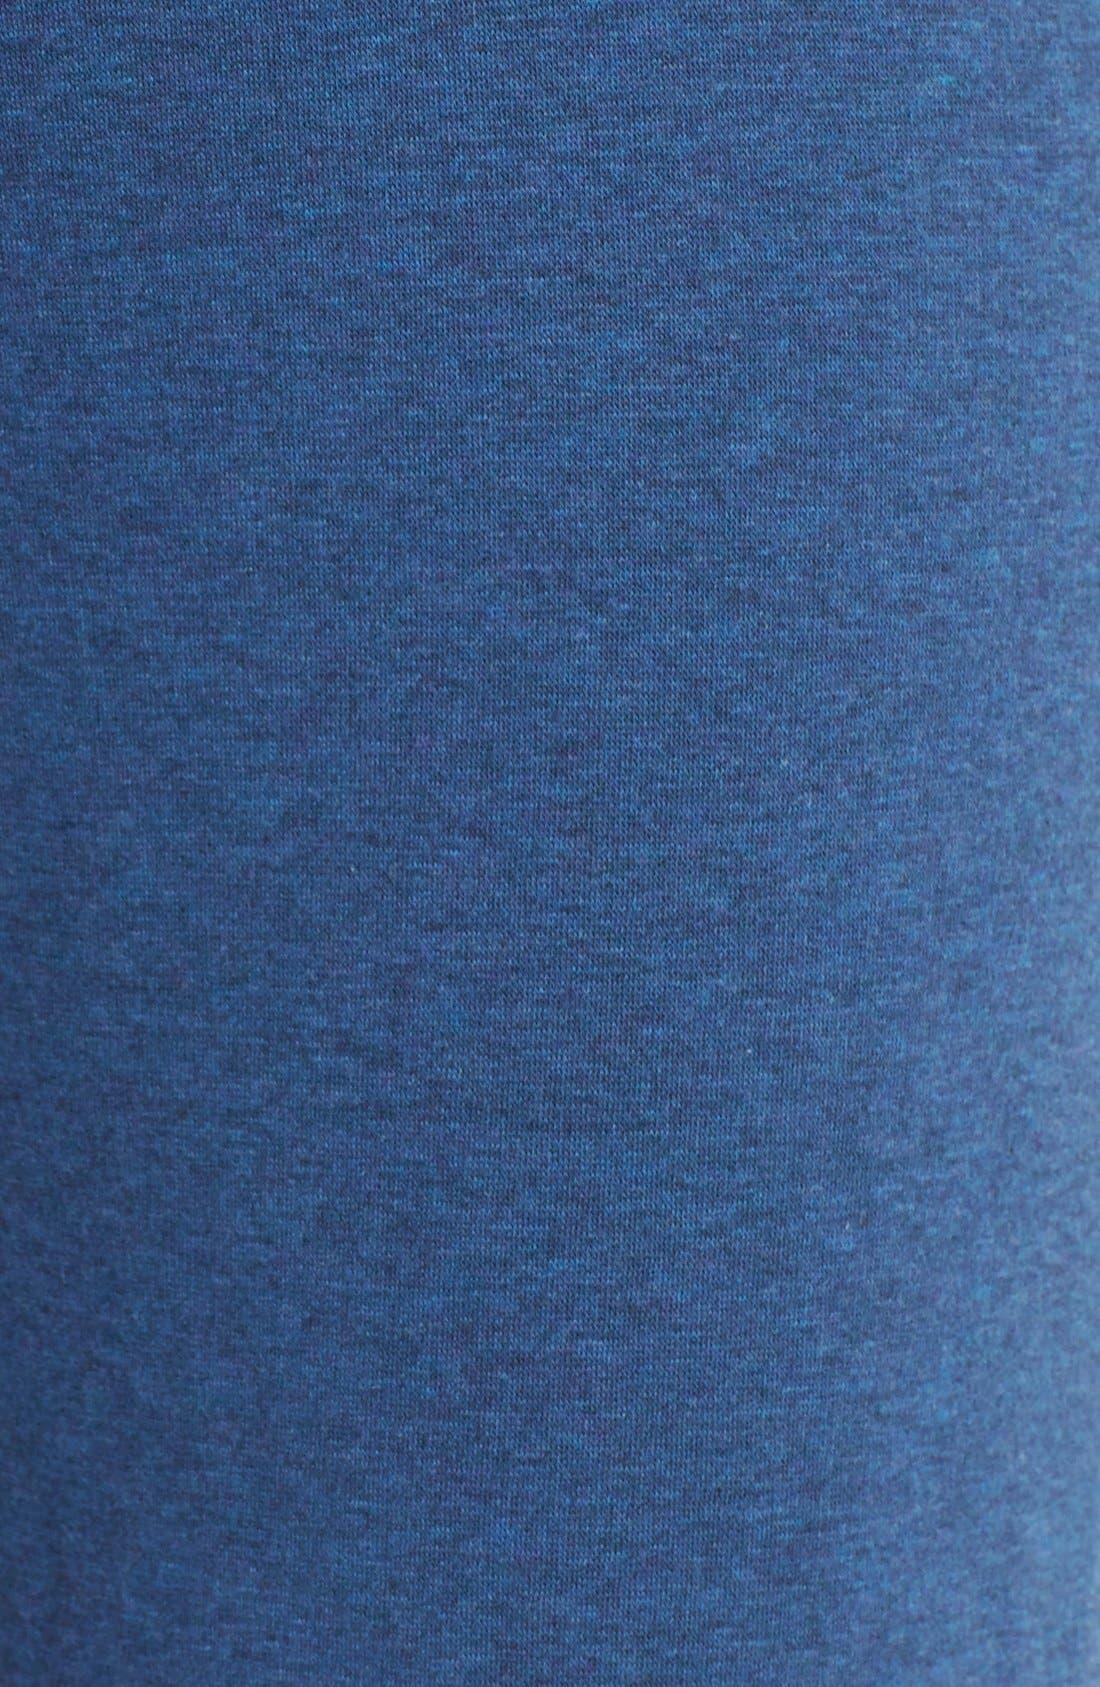 'Collins' Double Knit Pants,                             Alternate thumbnail 26, color,